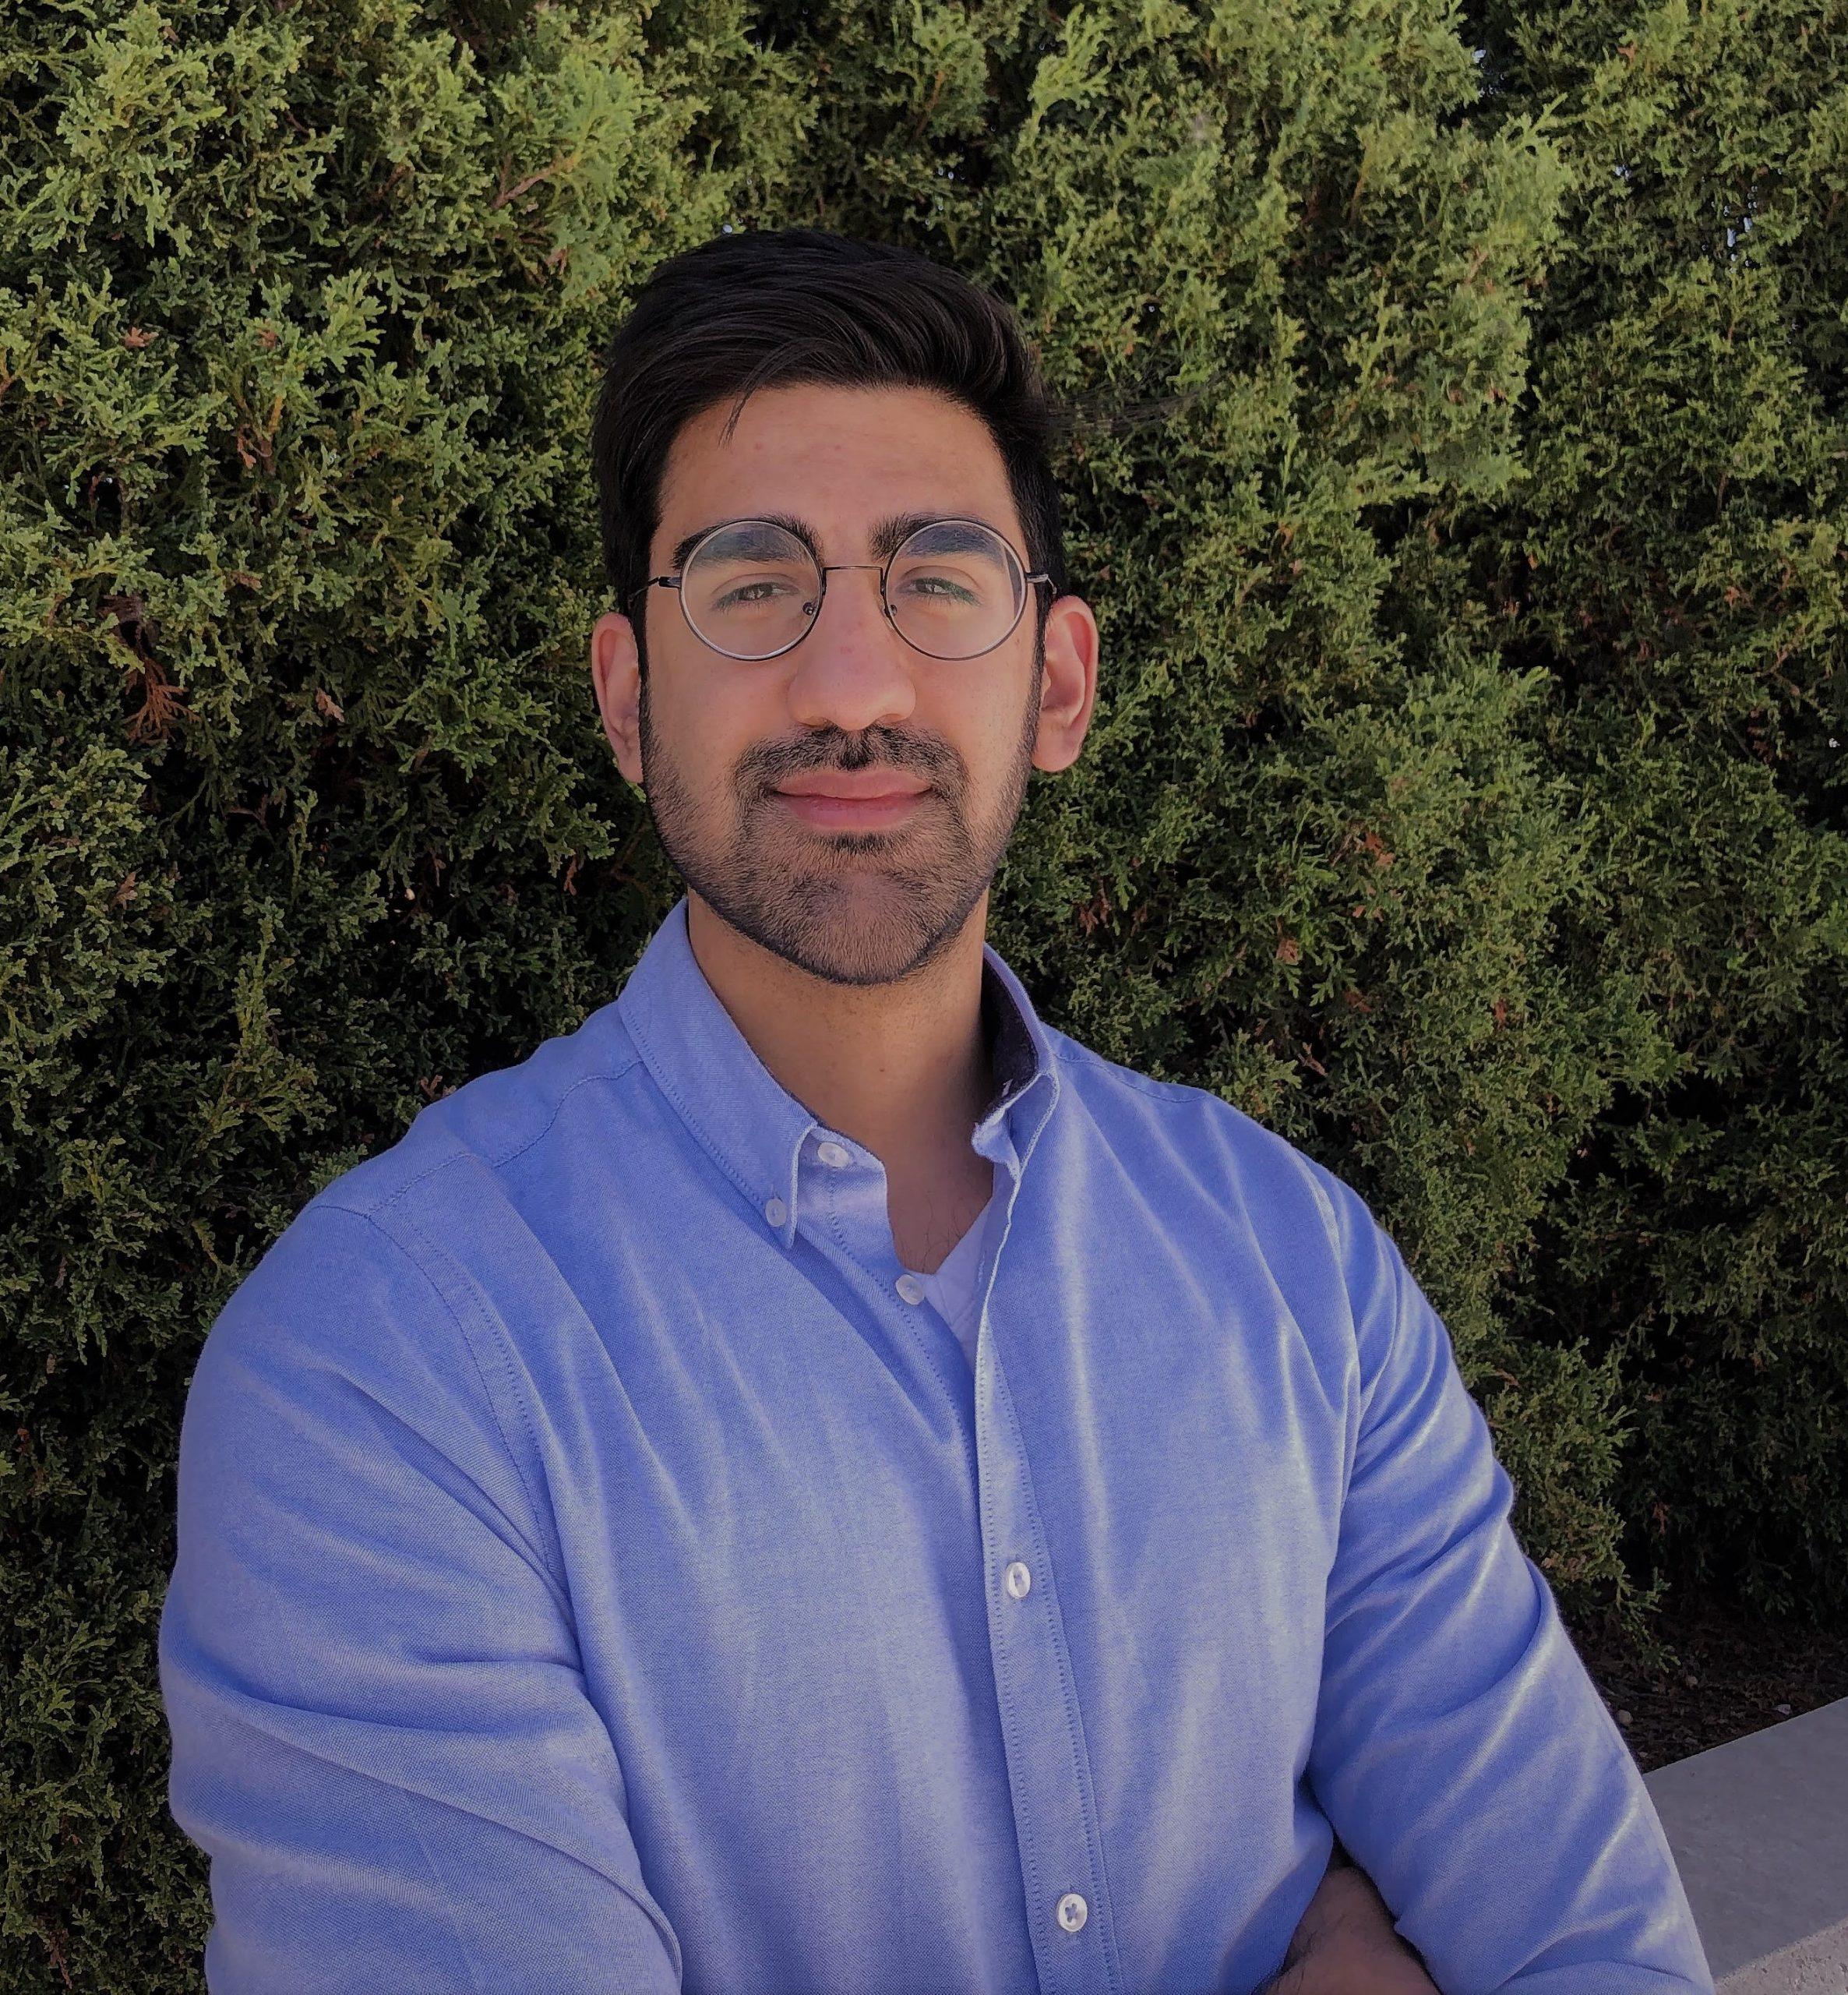 Faraz Alidina